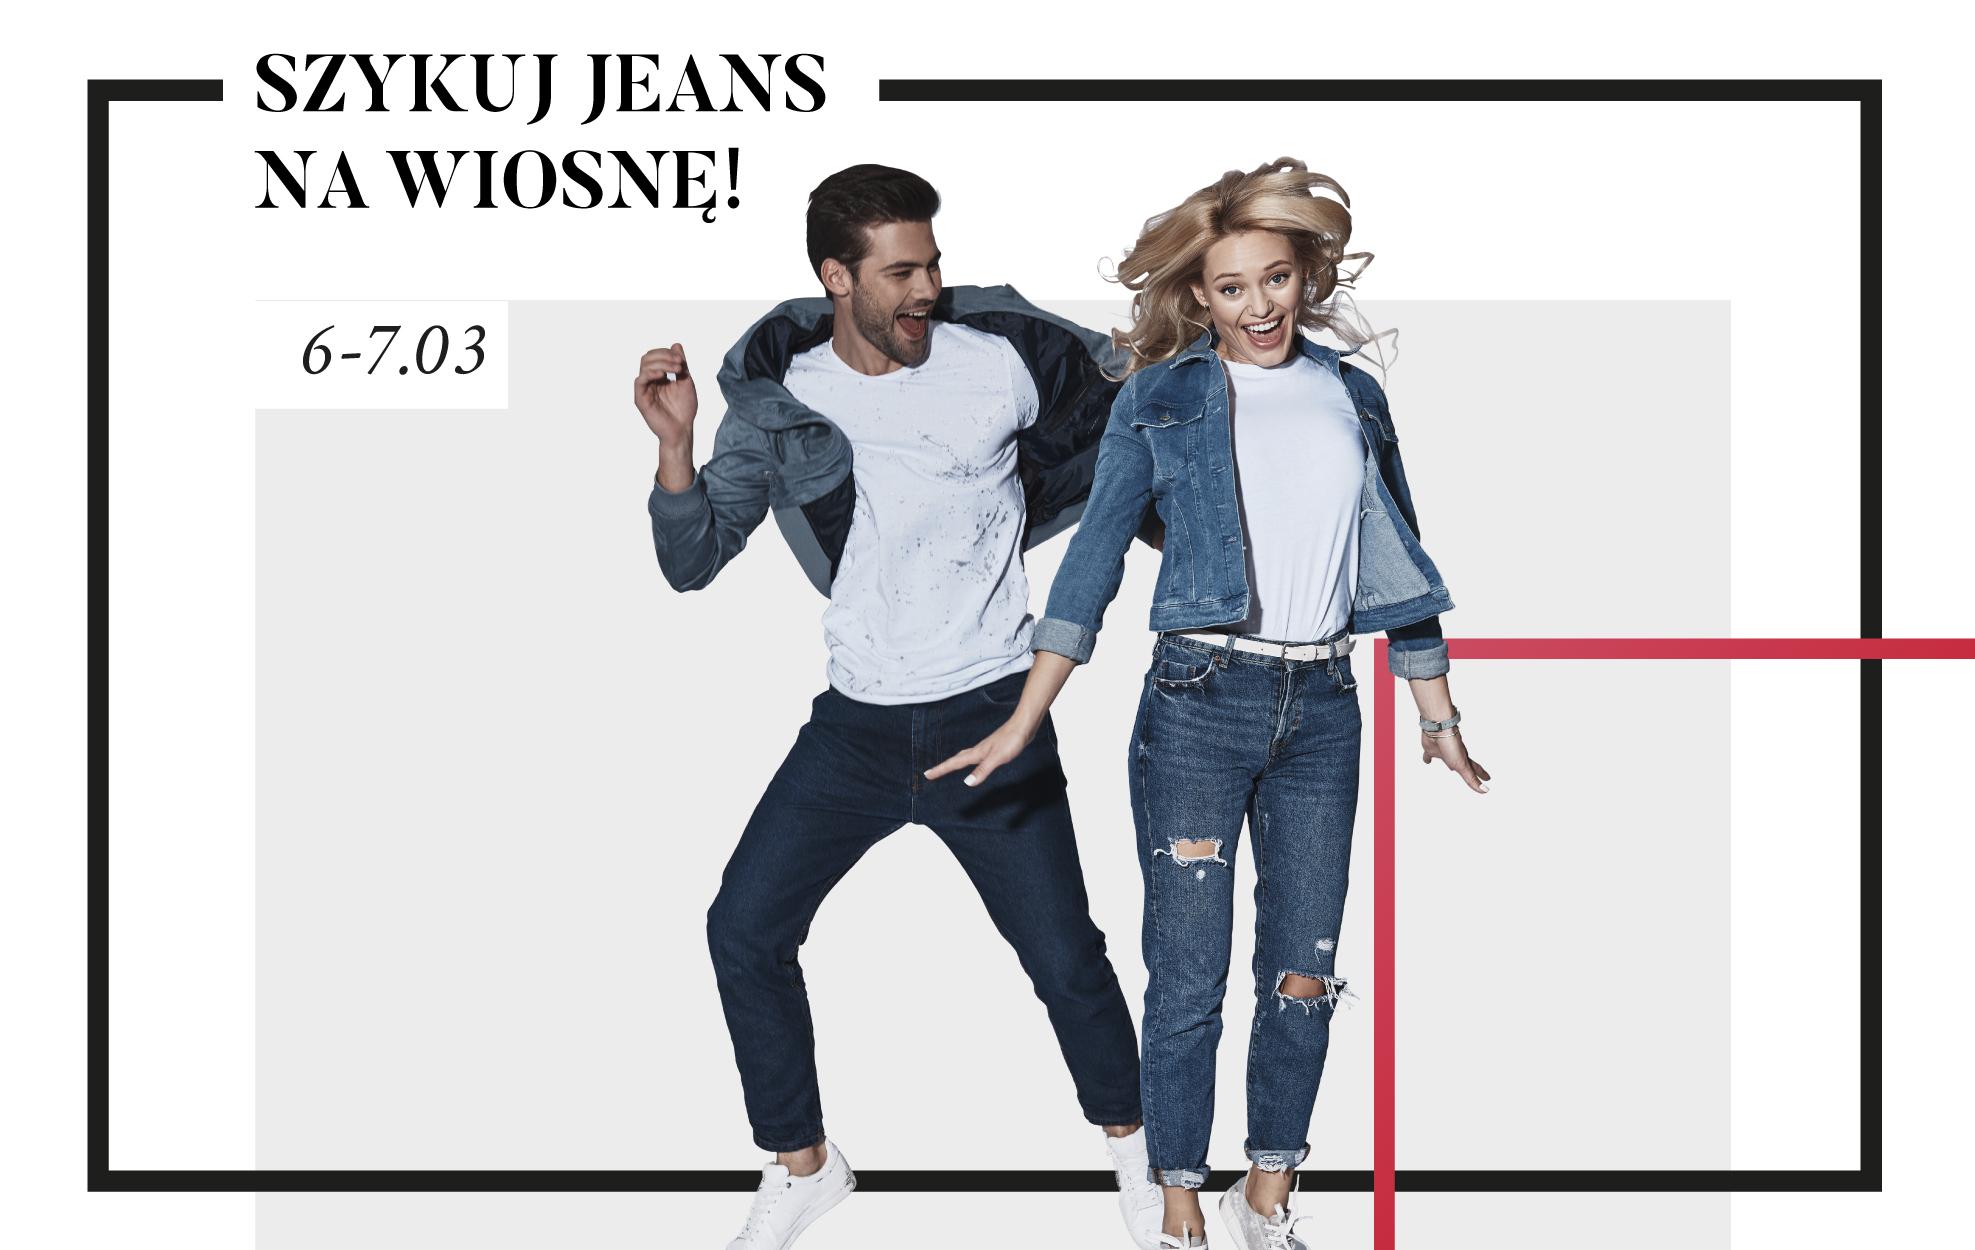 Szykuj jeans nawiosnę